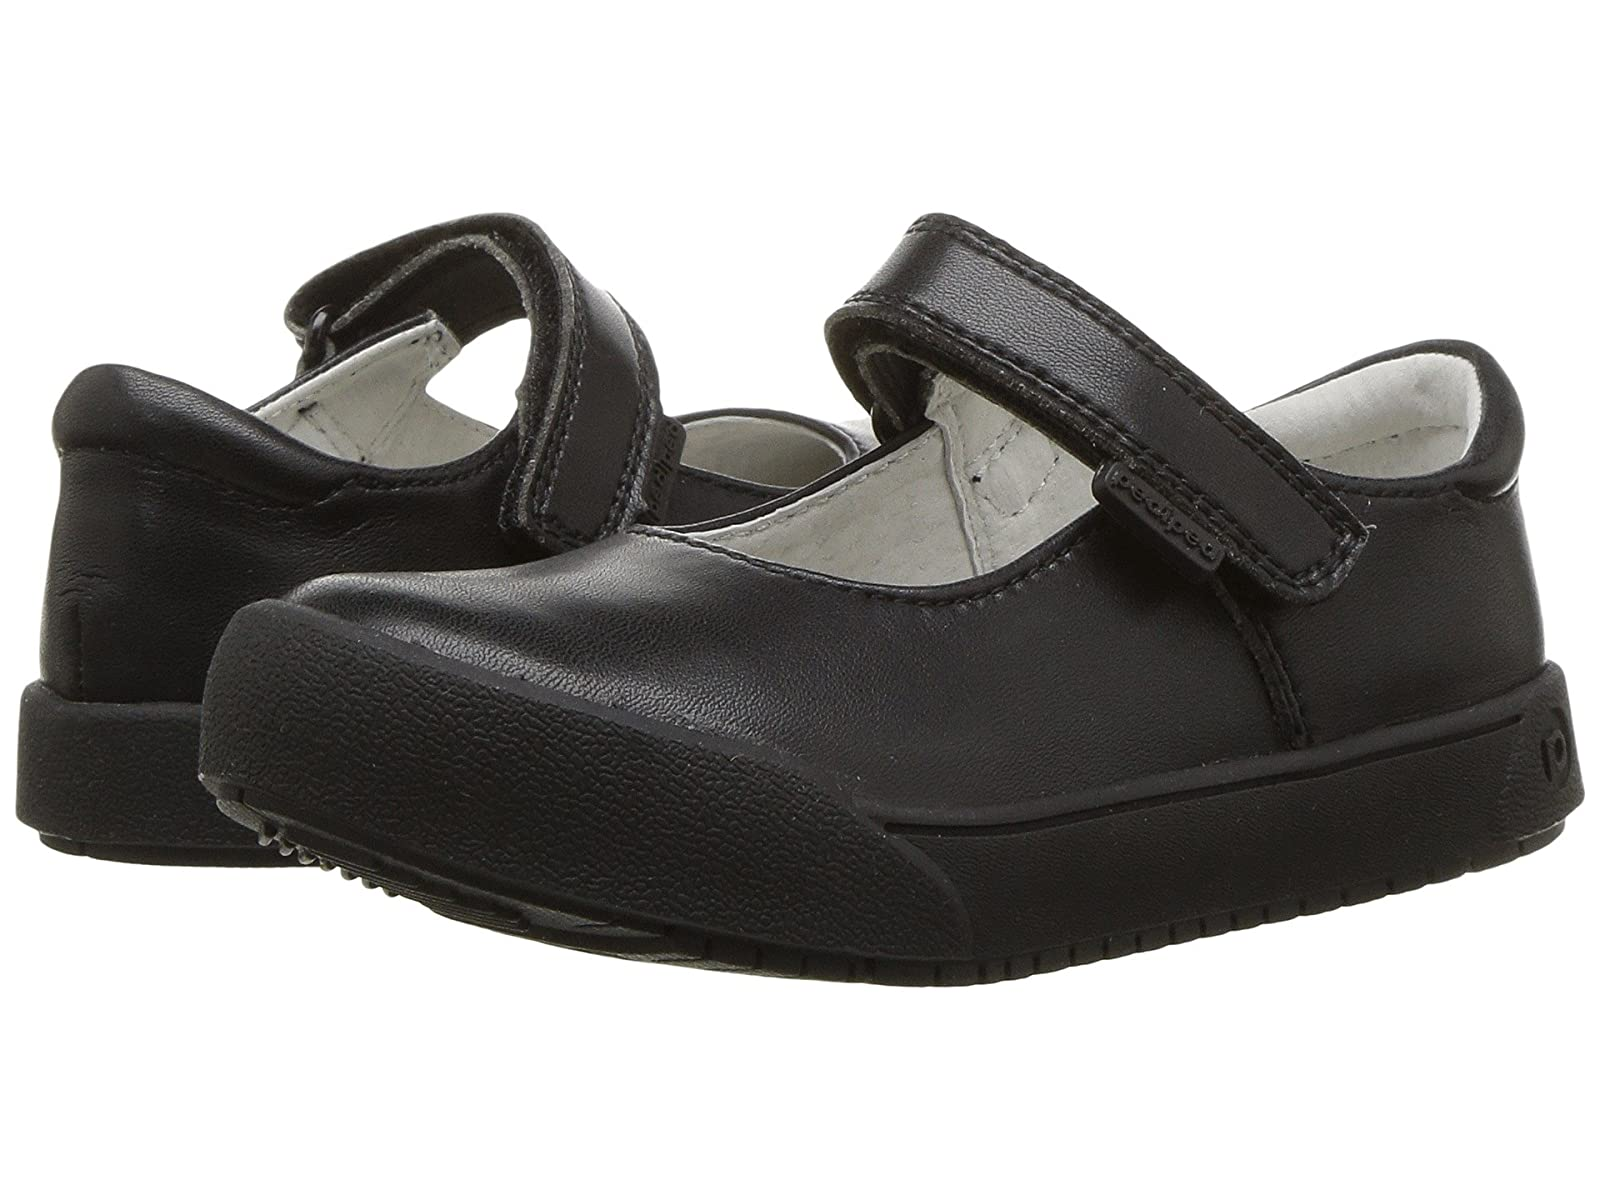 pediped Barbara Flex (Toddler/Little Kid/Big Kid)Atmospheric grades have affordable shoes